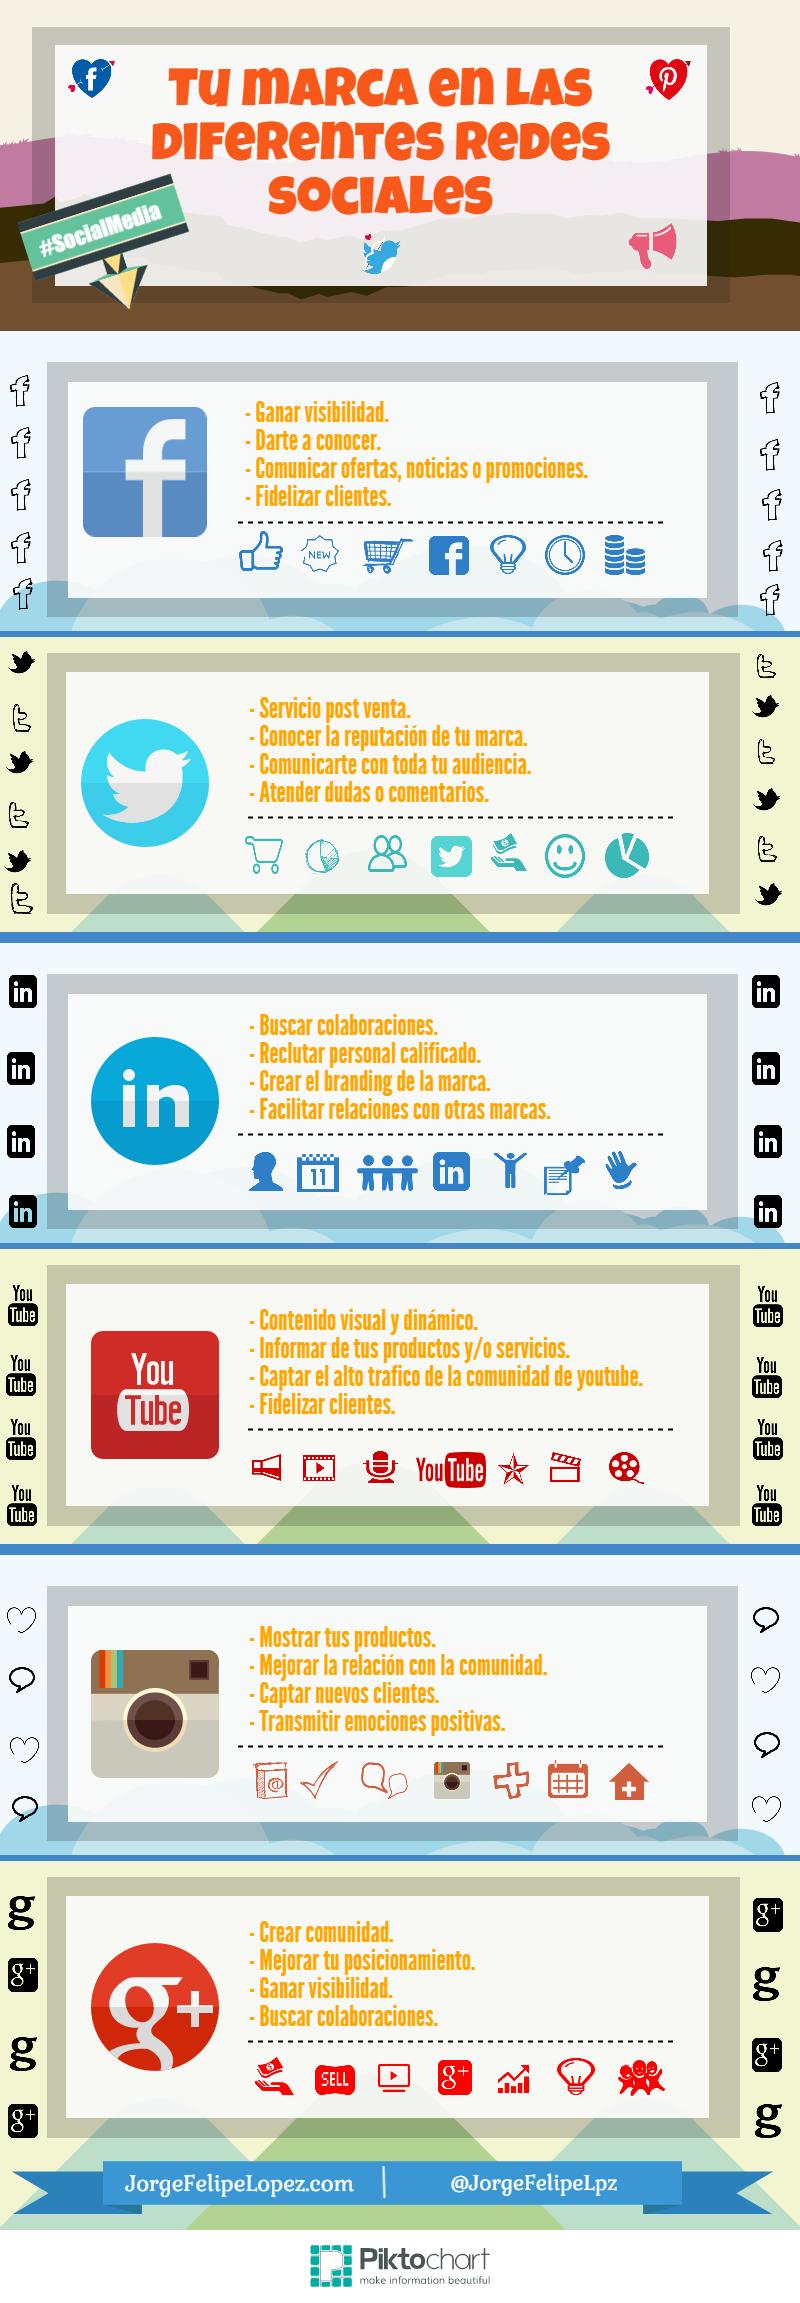 ¿Cuáles redes sociales debo elegir para mi empresa?